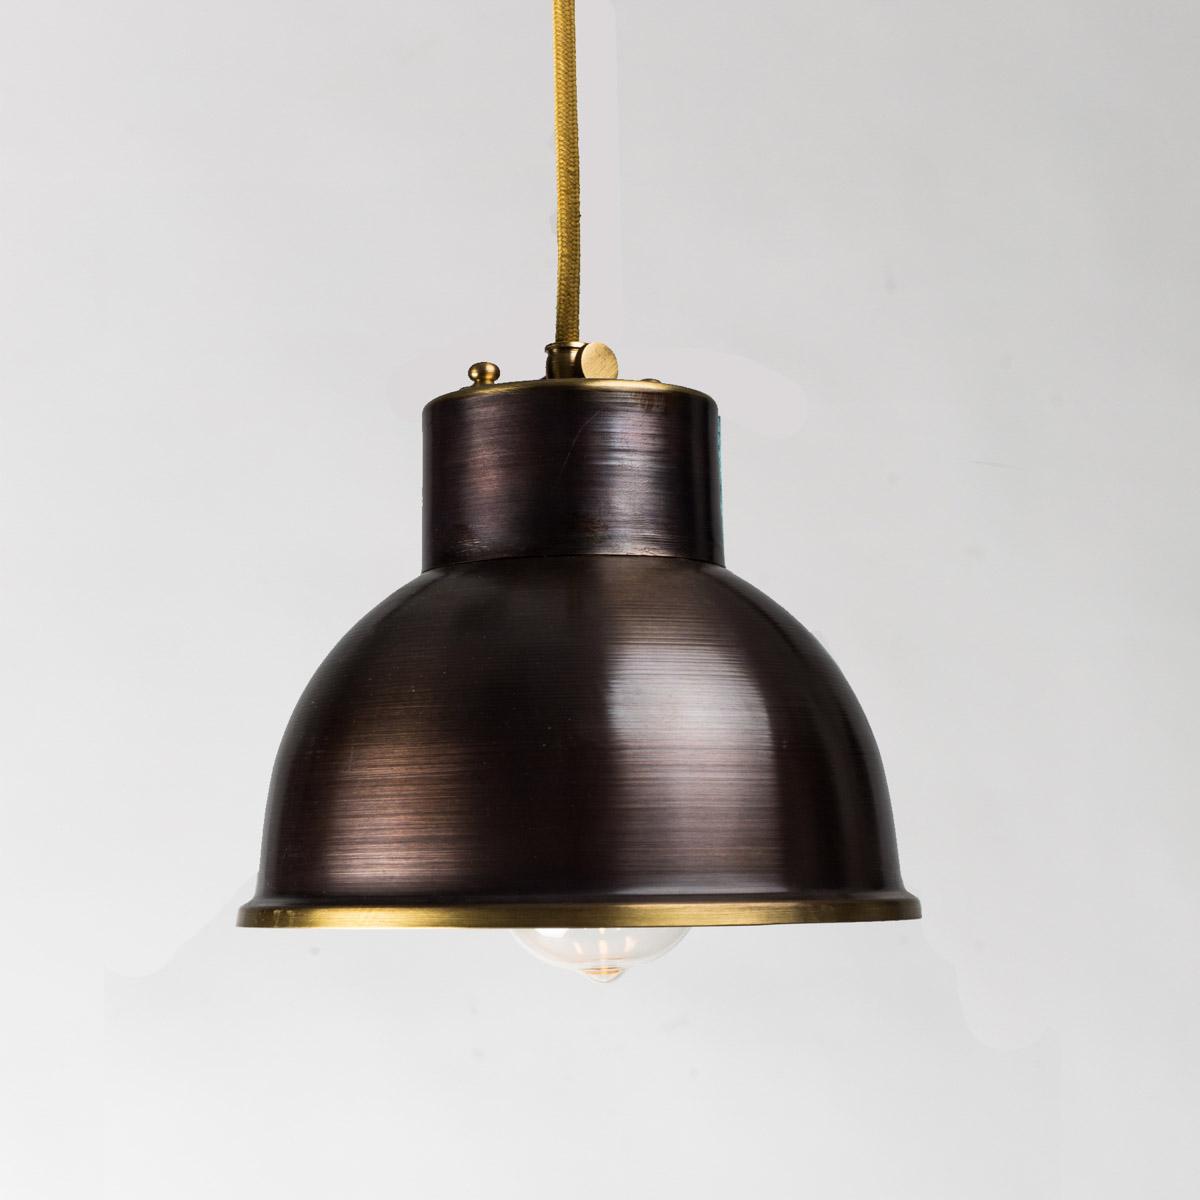 Потолочный светильник латунный Italy коричневый